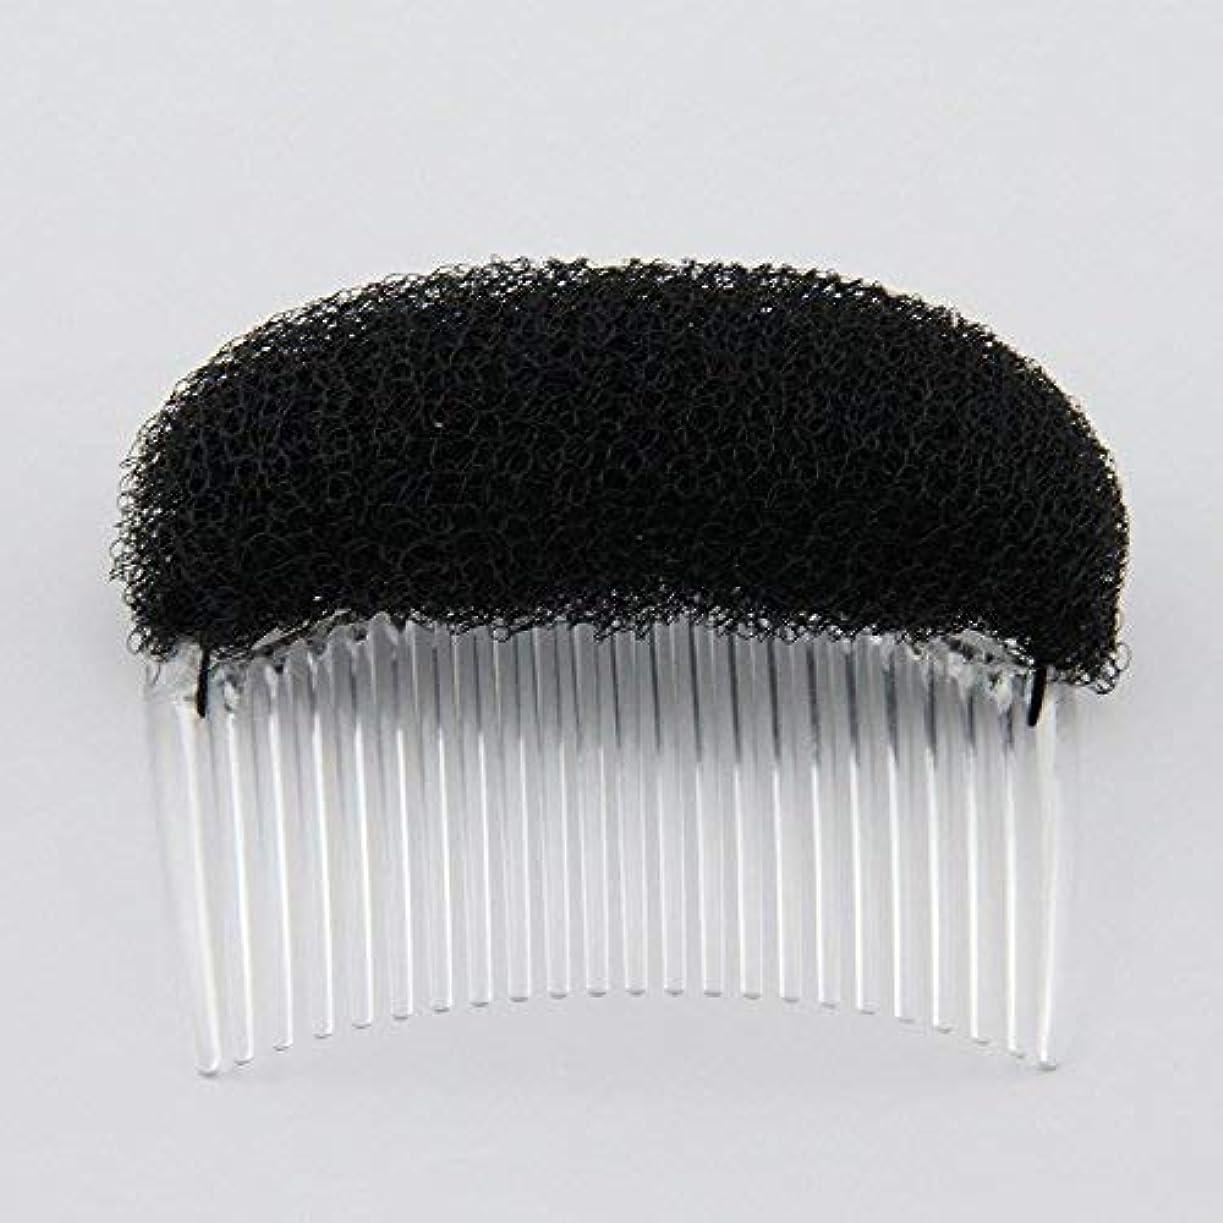 有効な頭アラバマ1PC Charming BUMP IT UP Volume Inserts Do Beehive hair styler Insert Tool Hair Comb Black/Brown colors for choose...